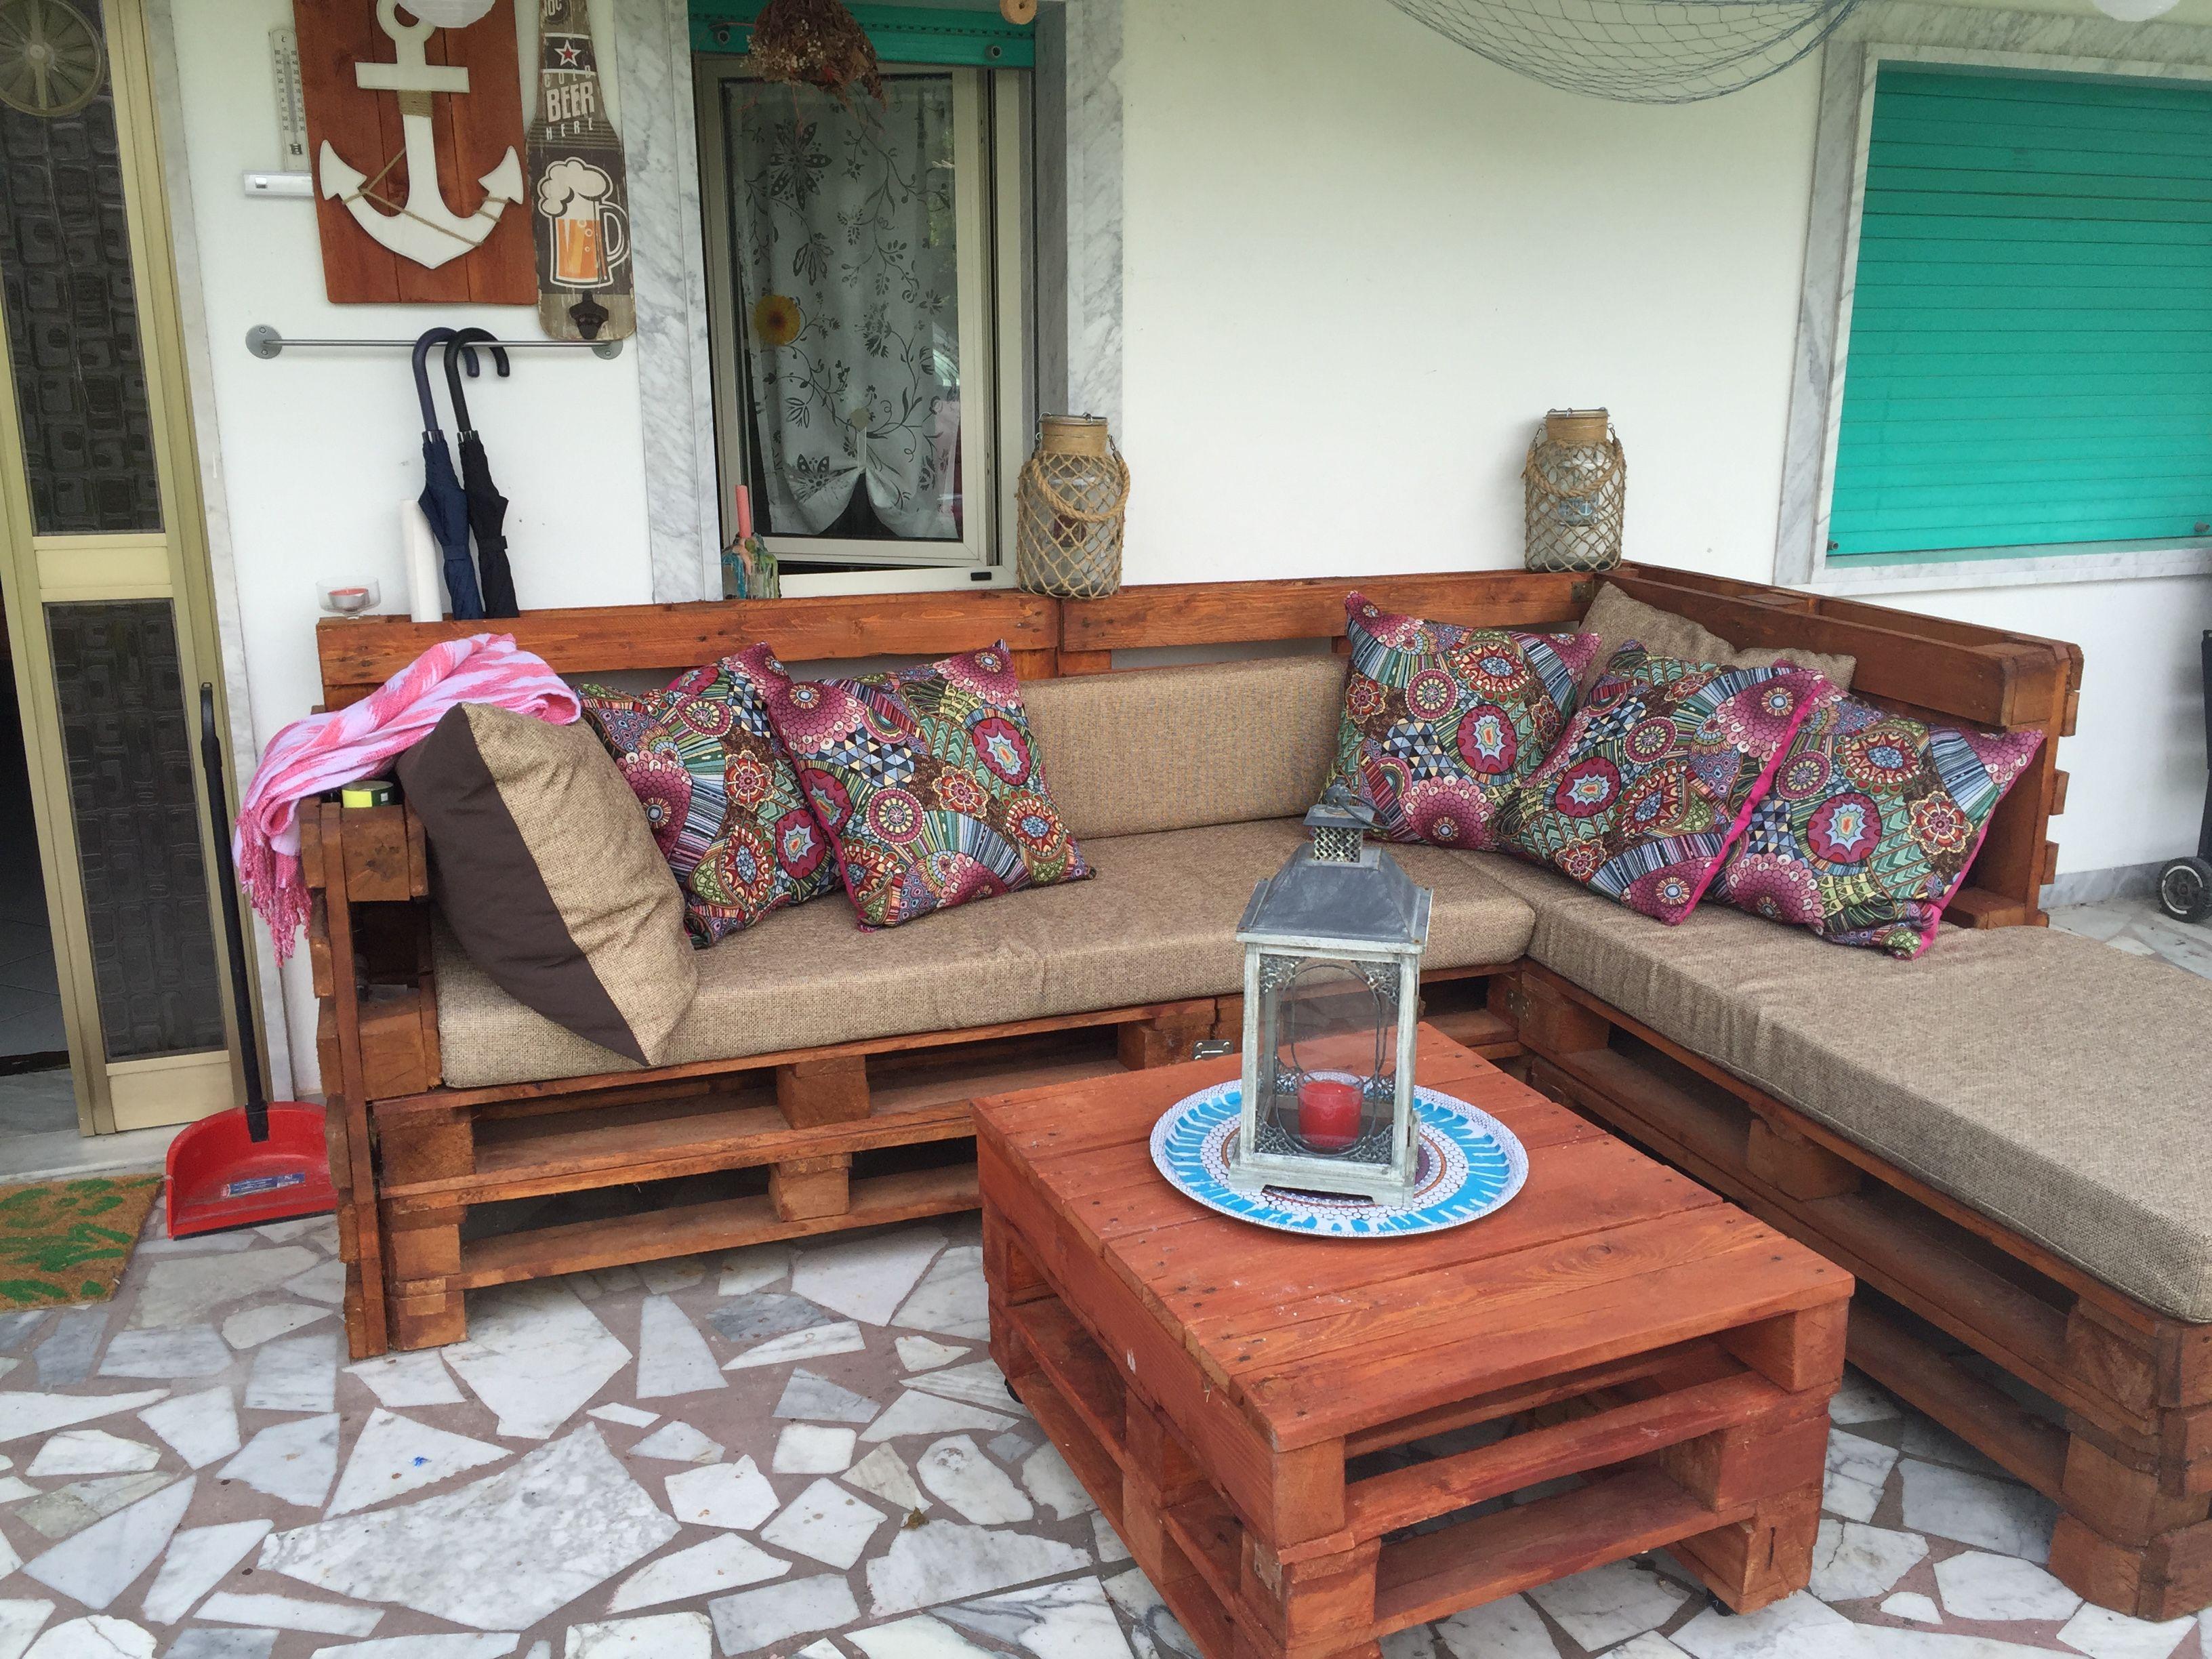 Divano bancali ~ Divano fatto di bancali pallet sofa palettensofa extern